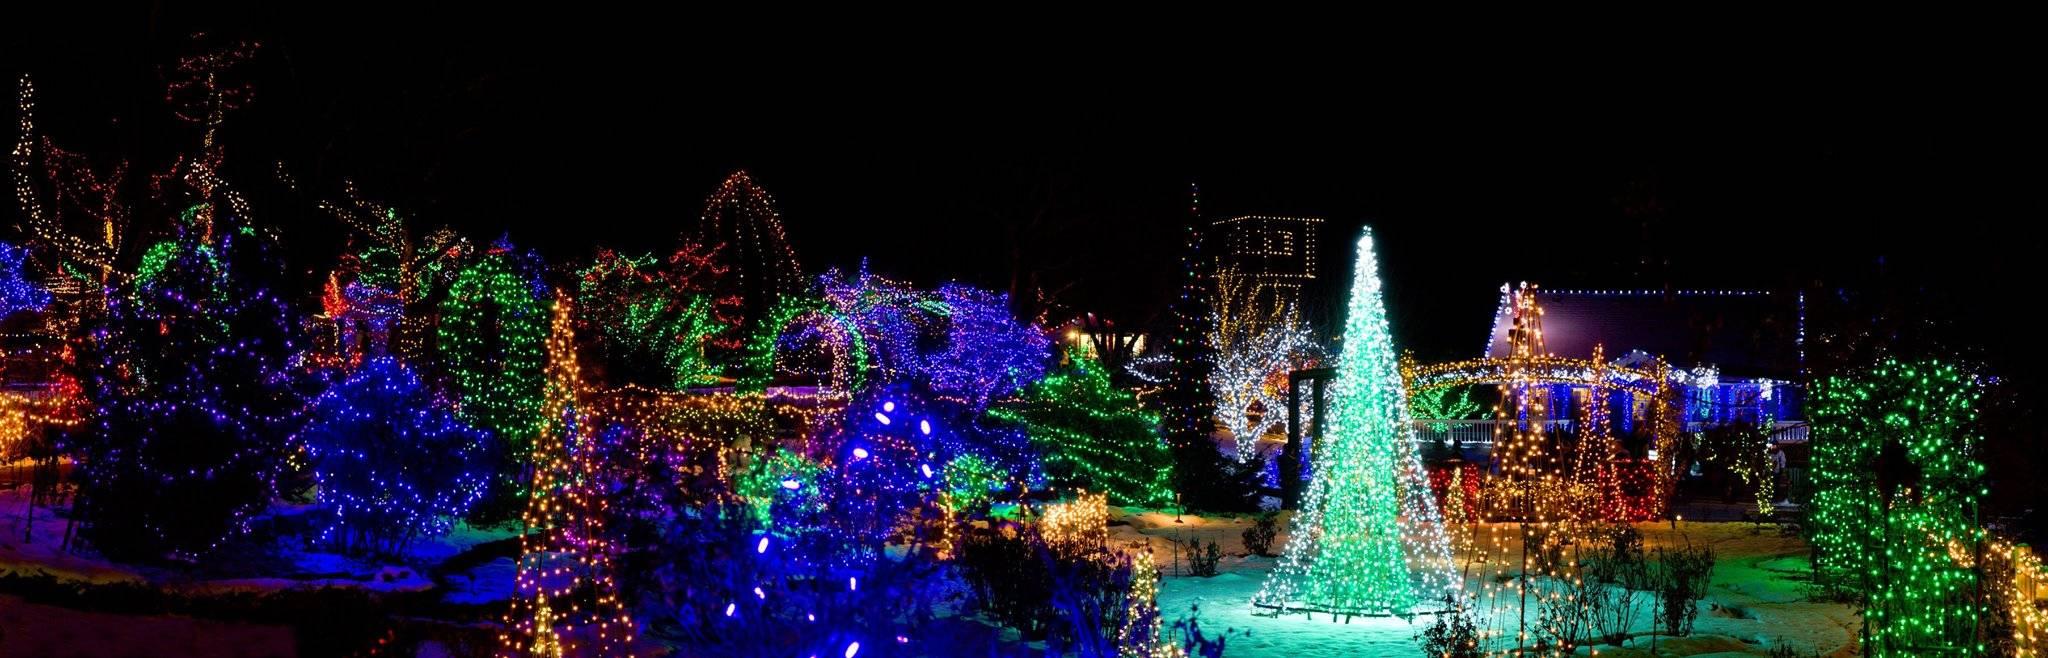 Garden Aglow Boise Winter Idaho Botanical Garden Mega